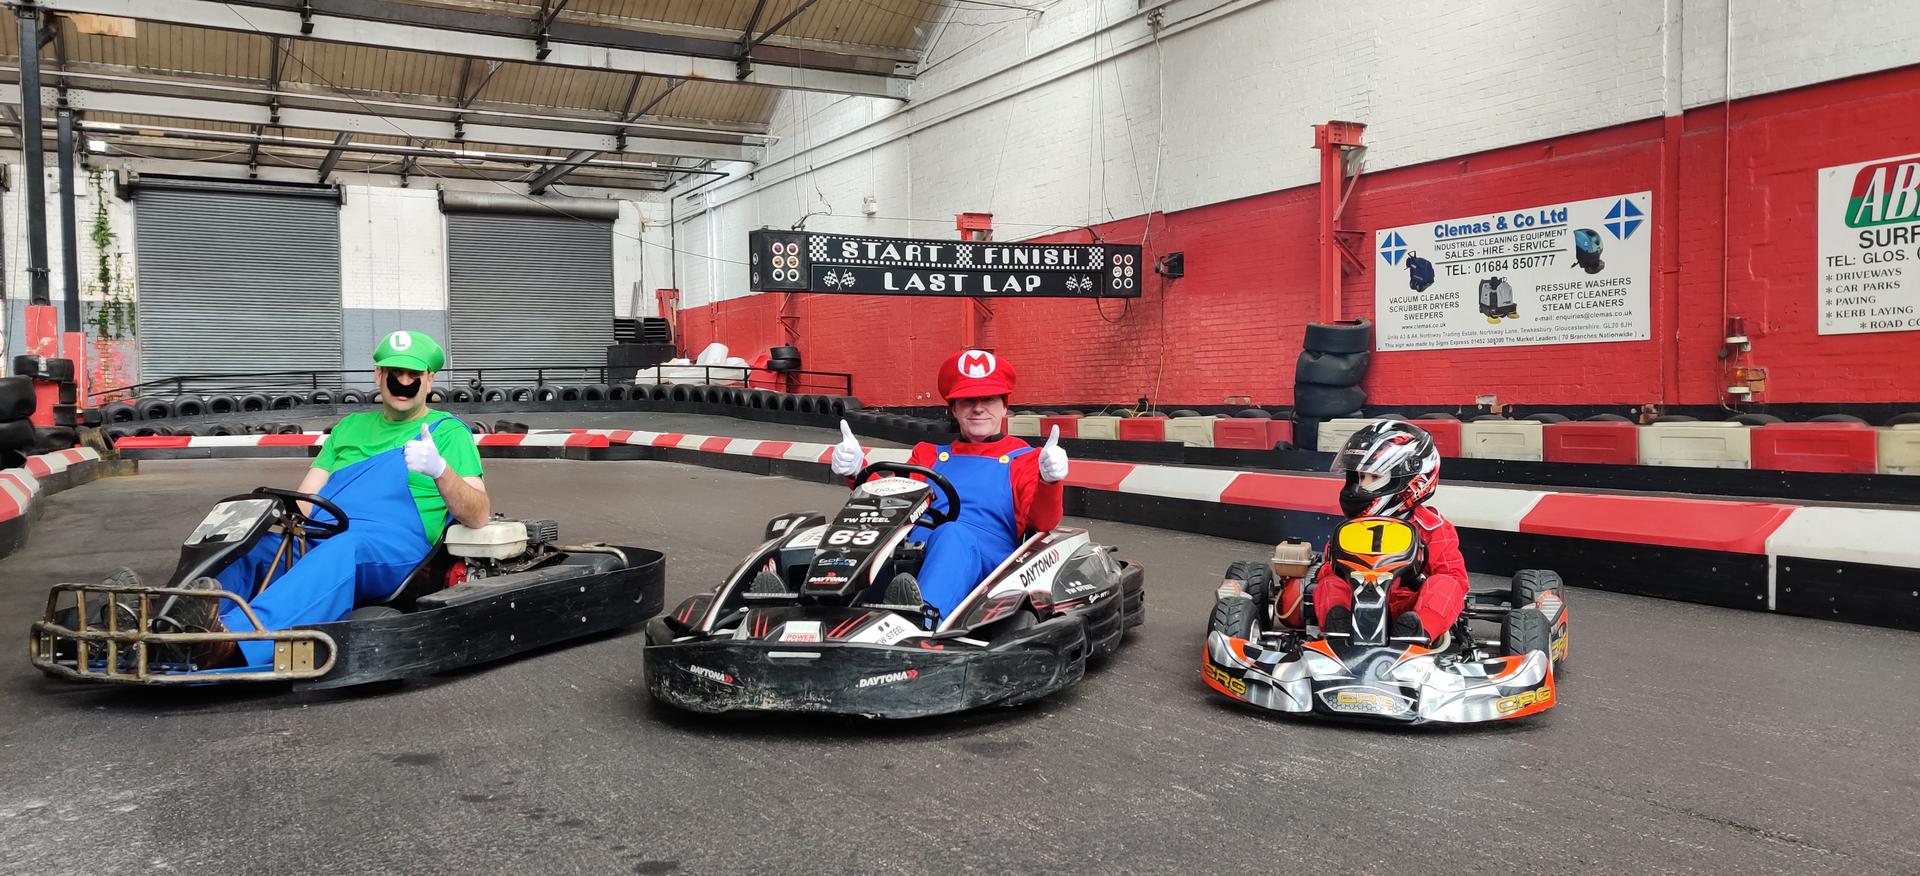 Jdr Karting Indoor Karting Lasertag Arena Gloucester